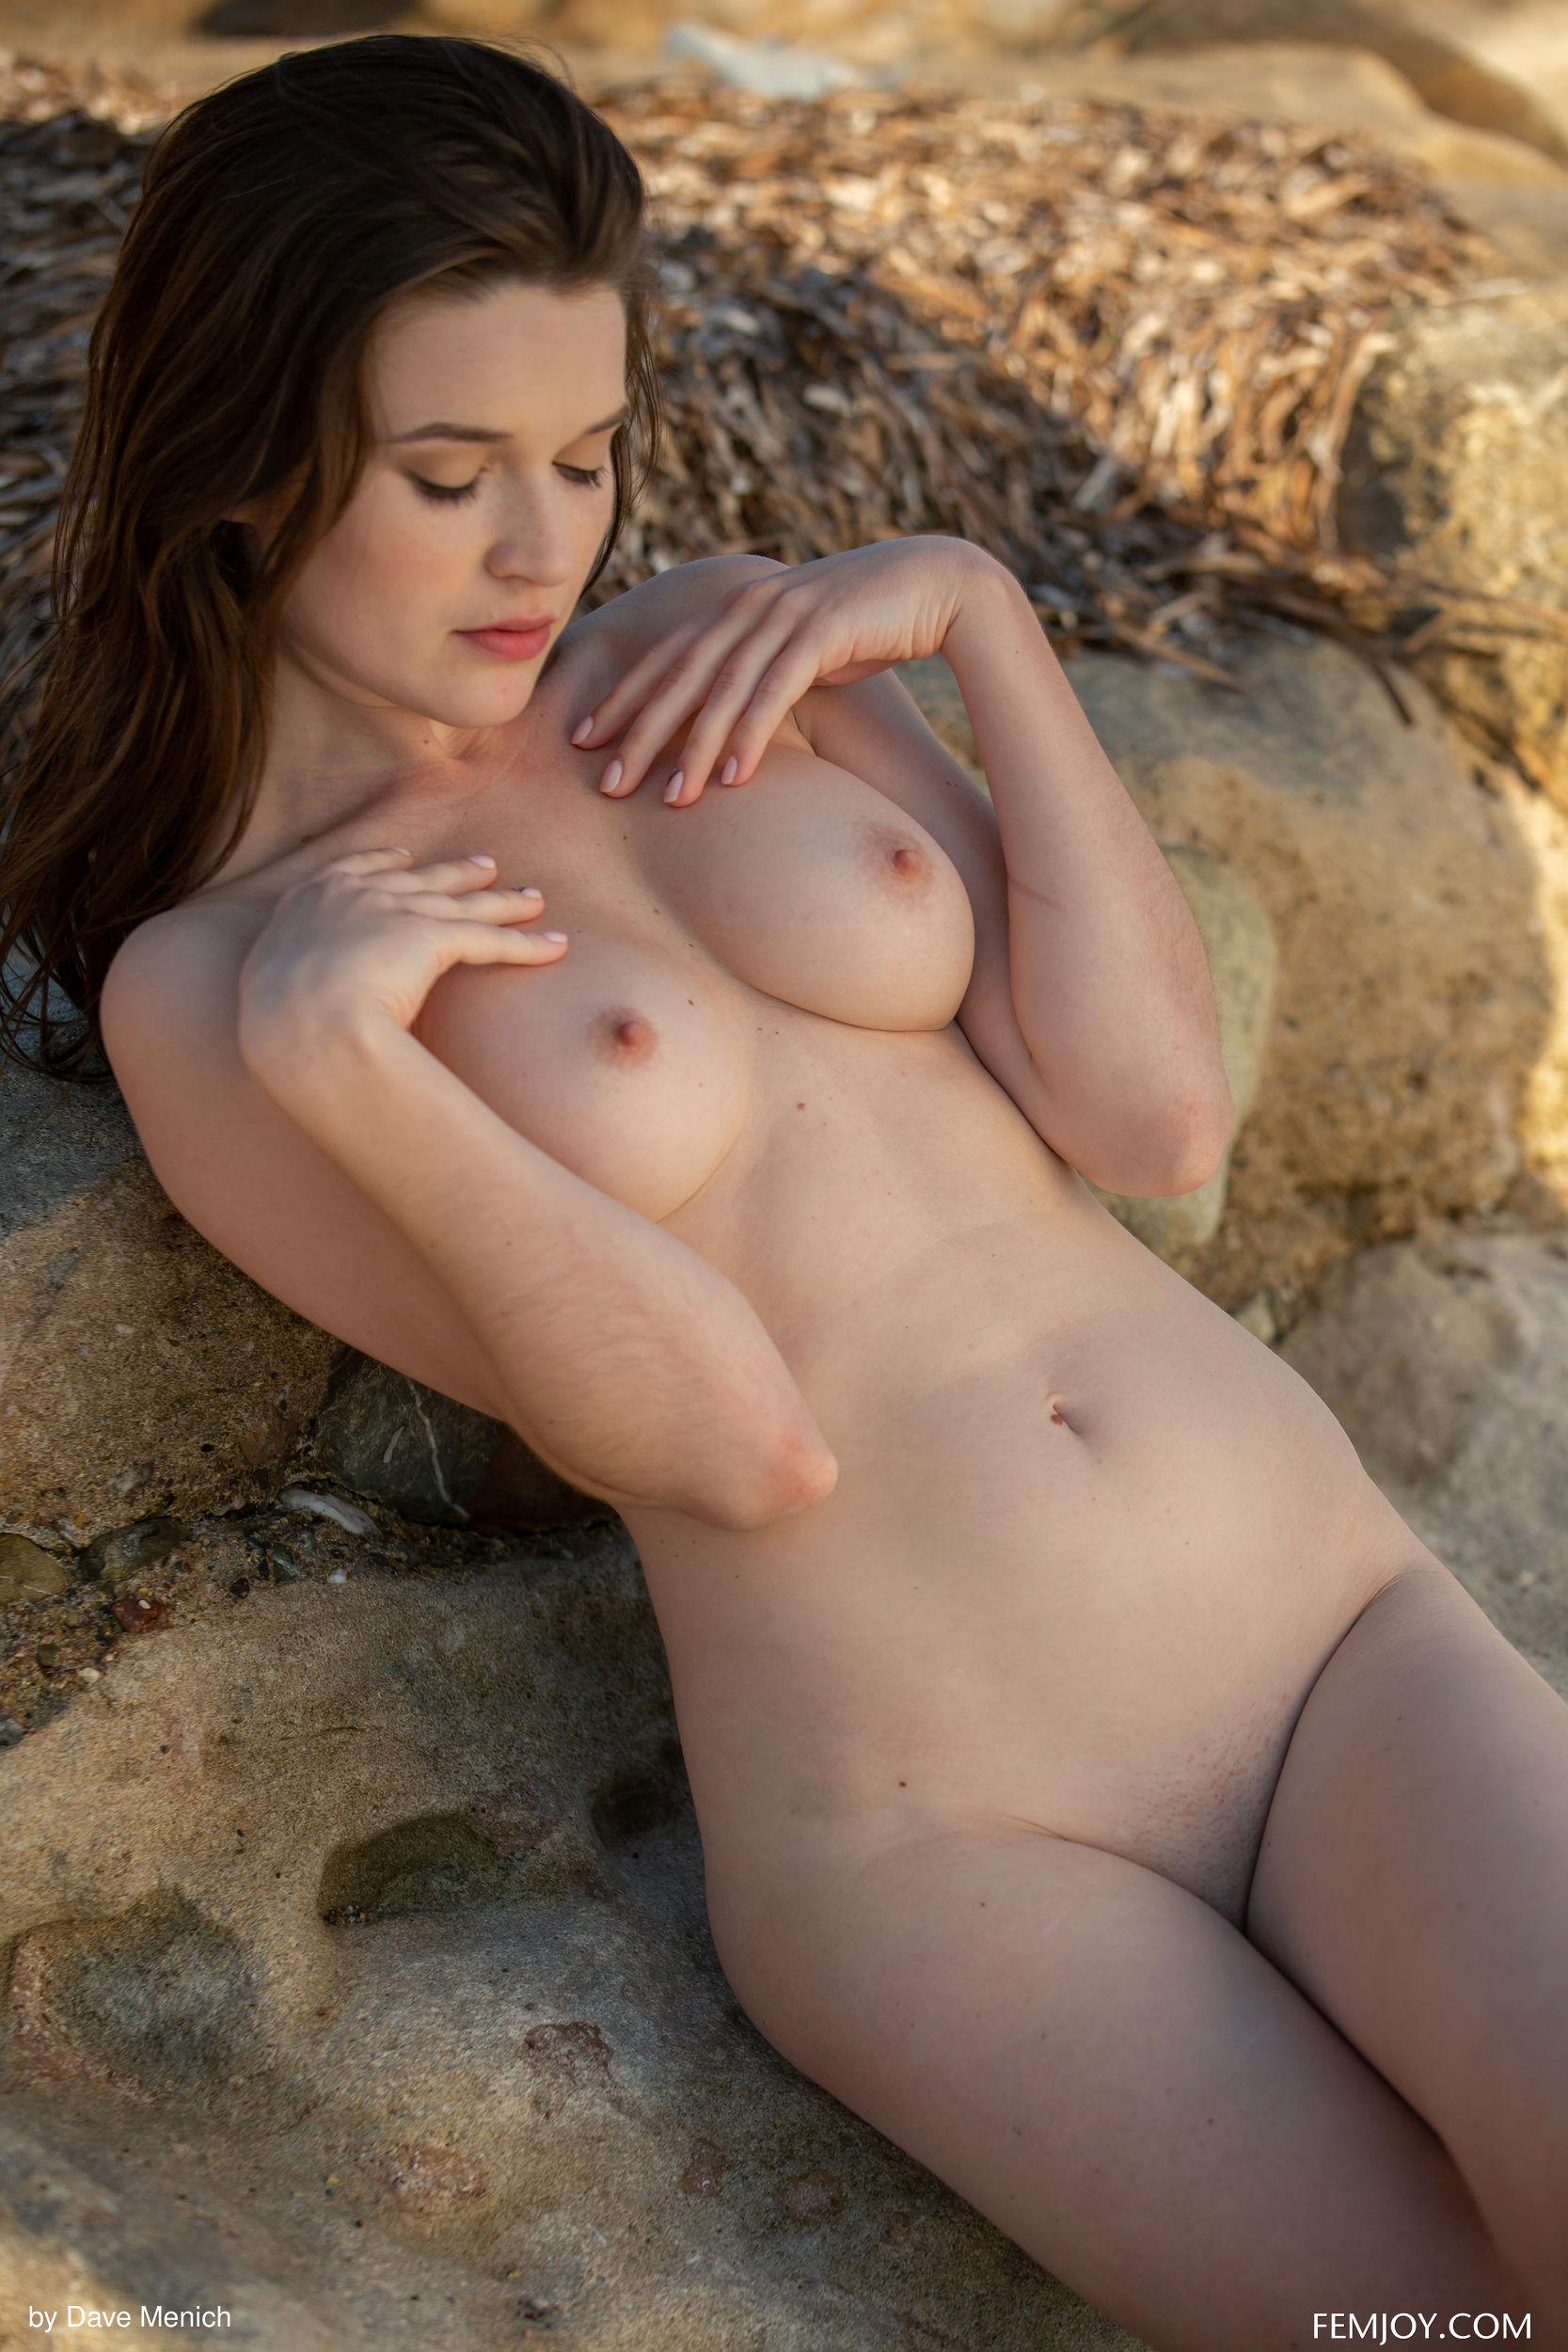 Breathtaking Women Nude